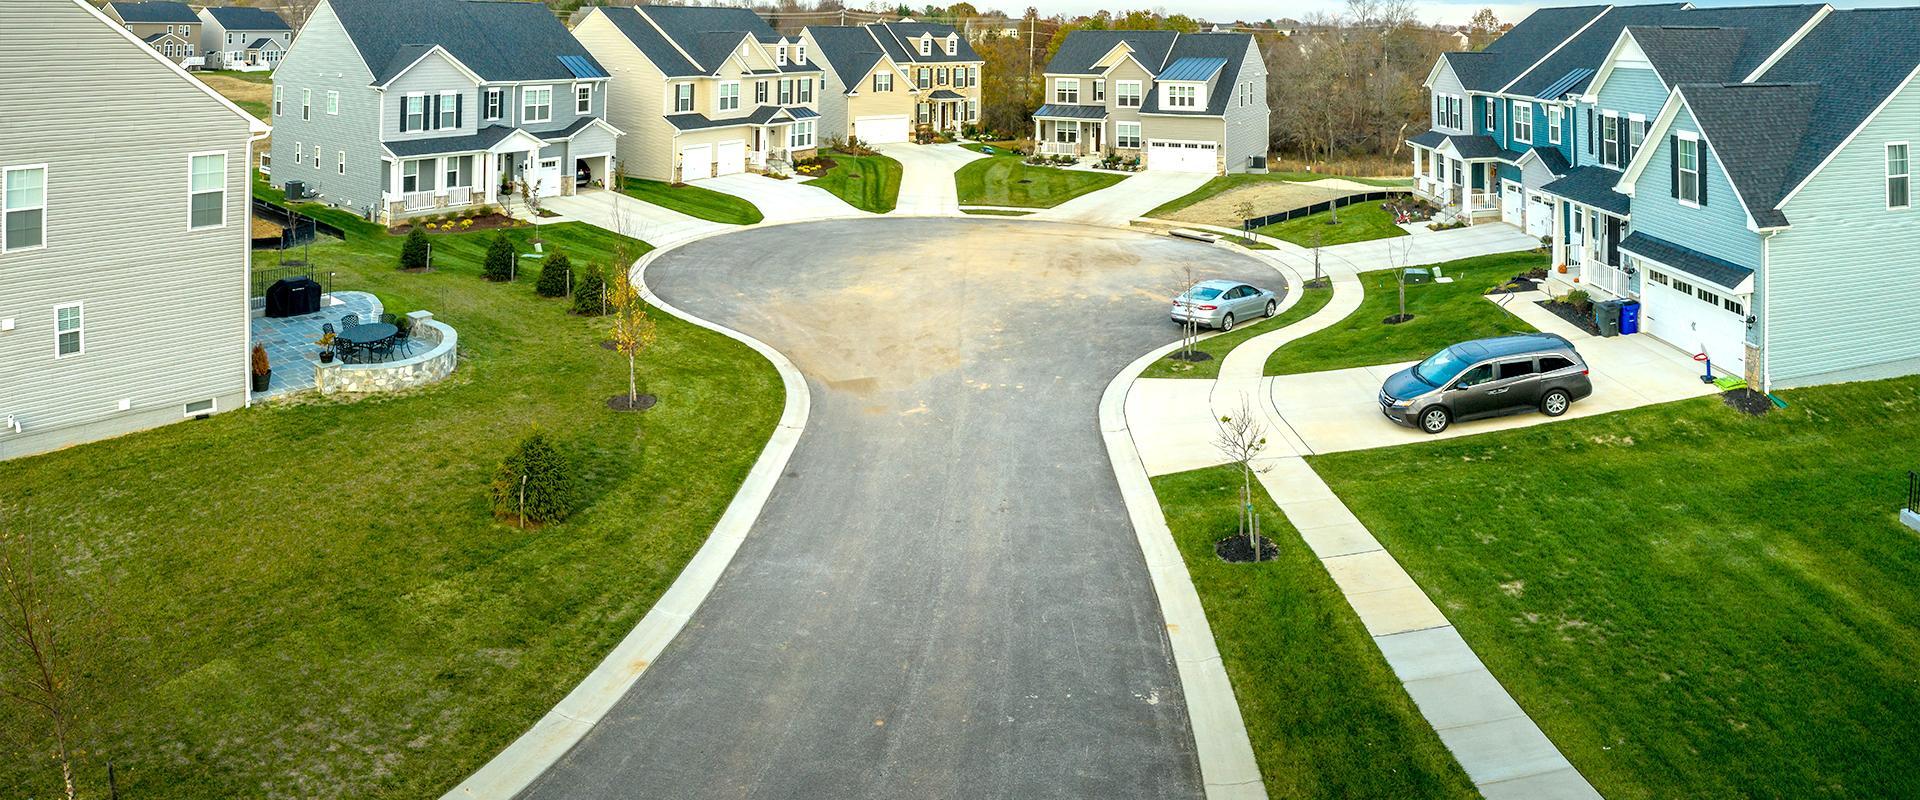 shot of neighborhood circle